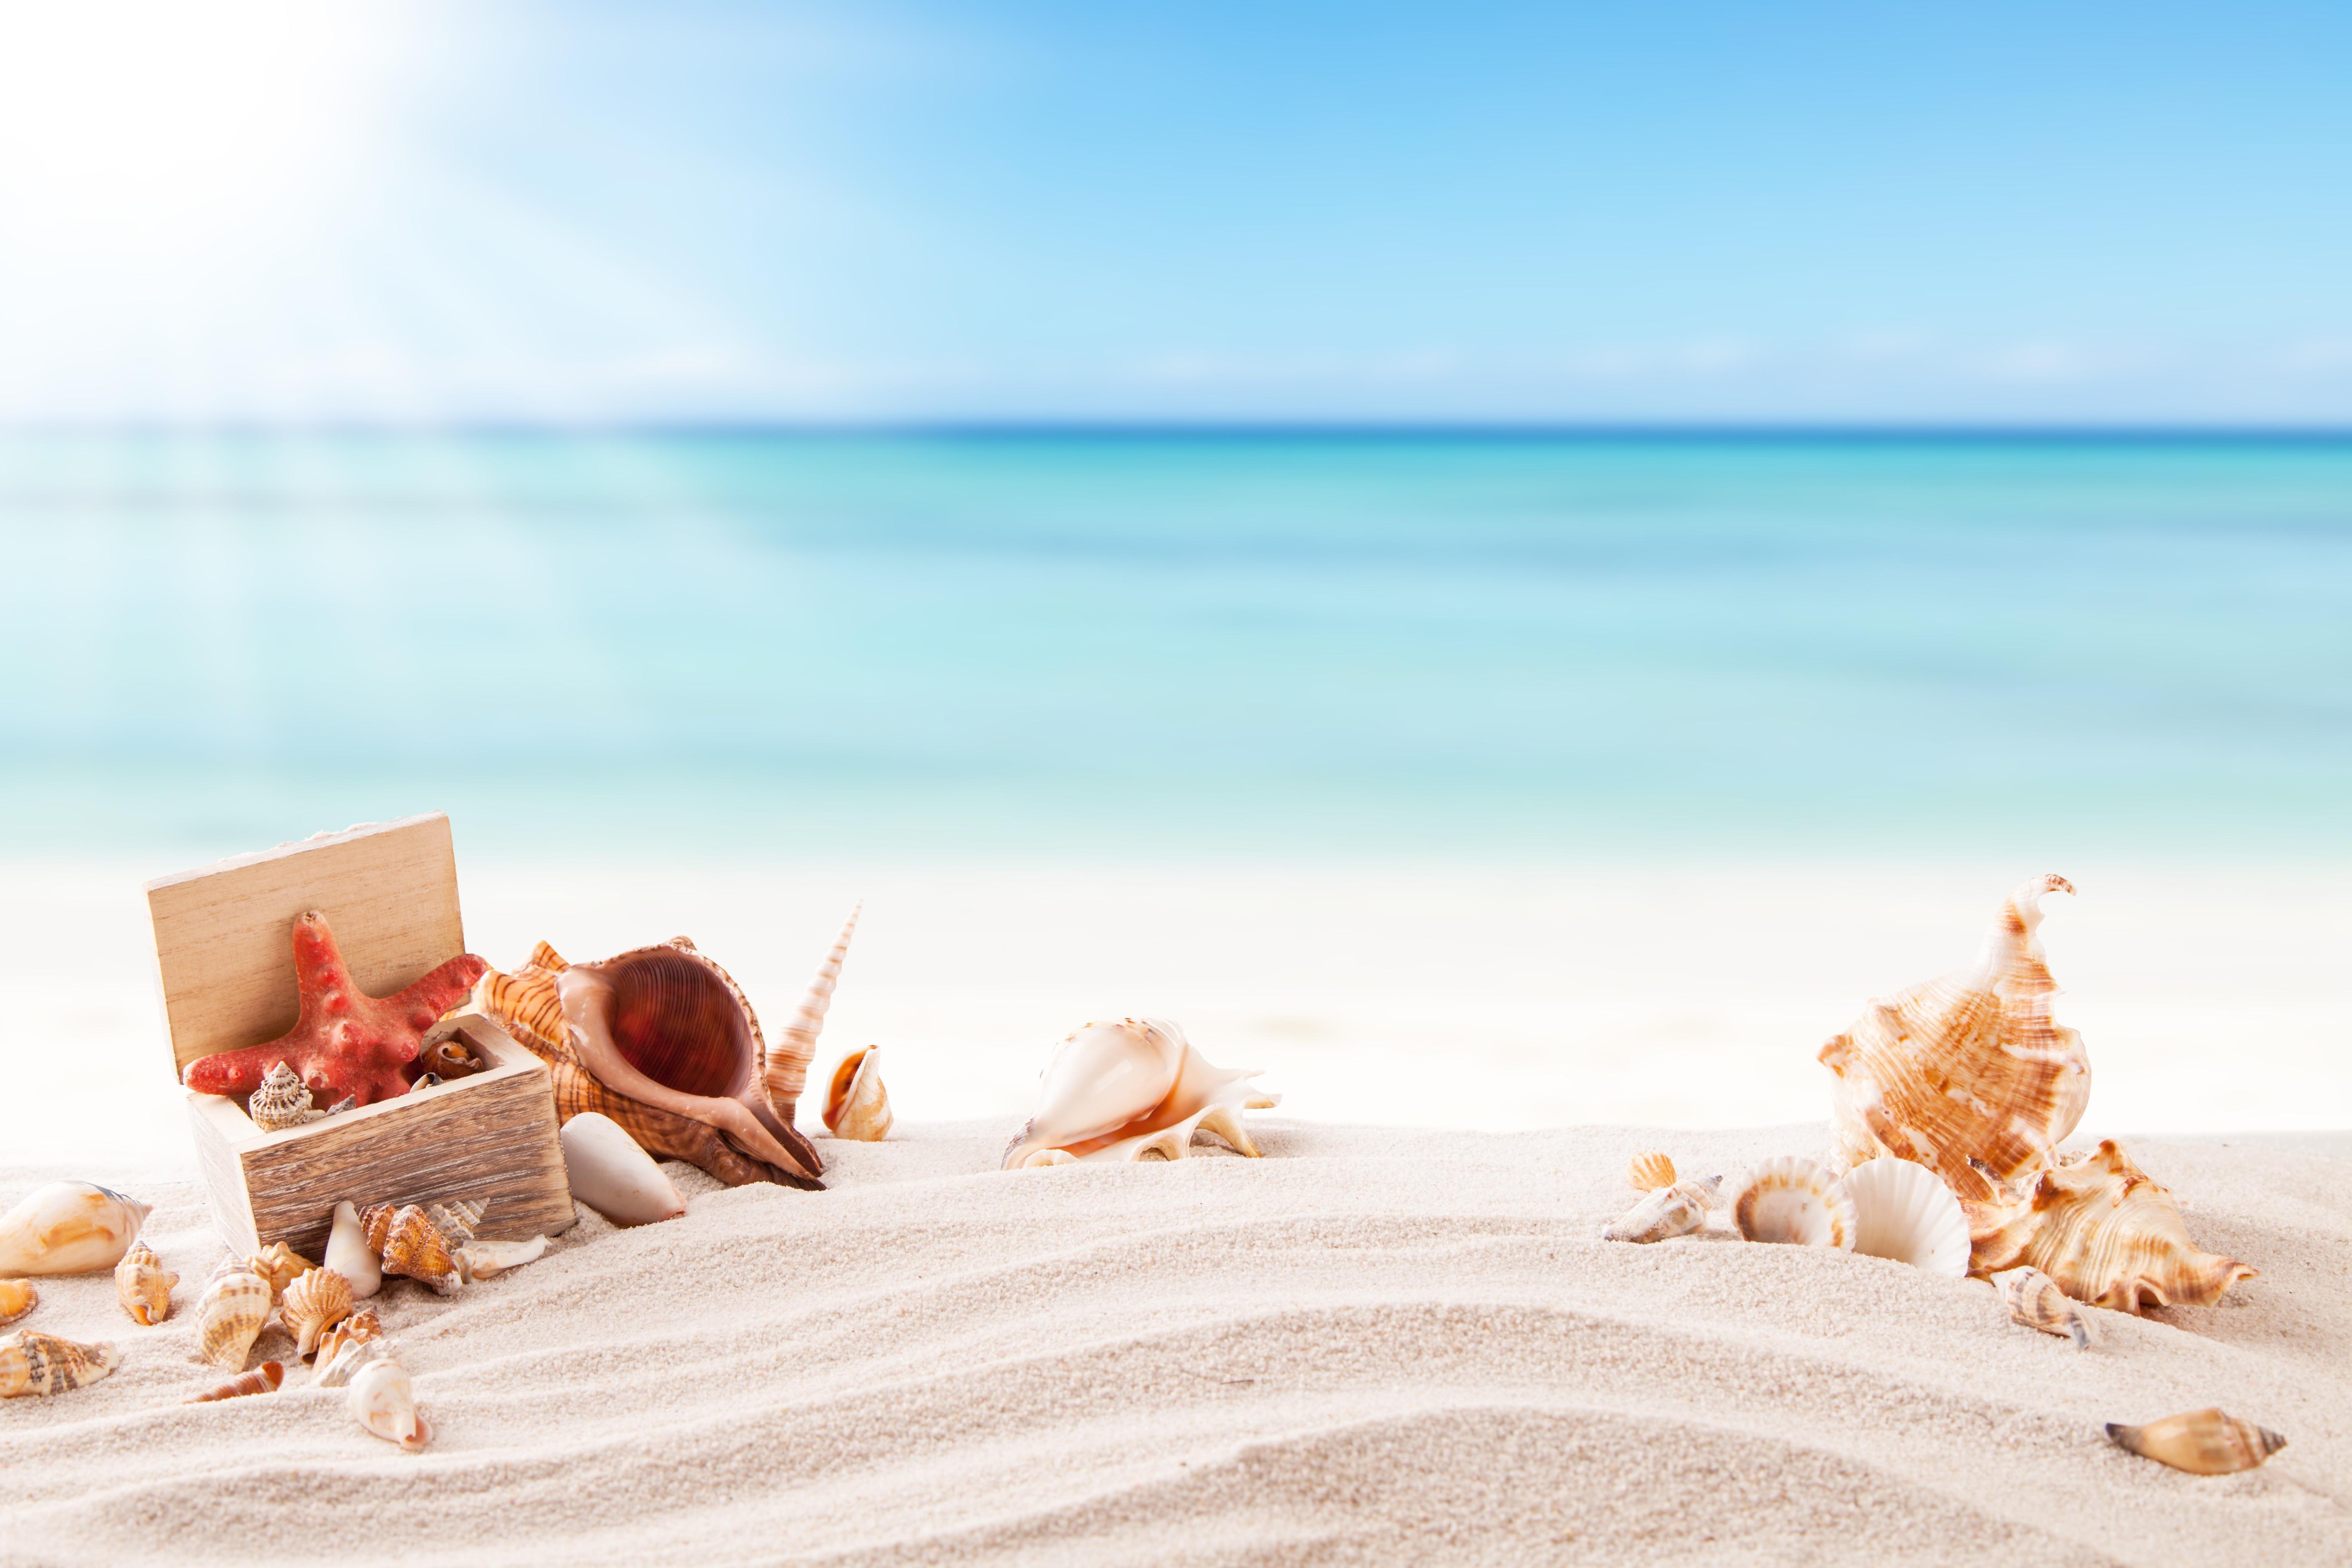 морская соль ракушки полотенце отдых загрузить